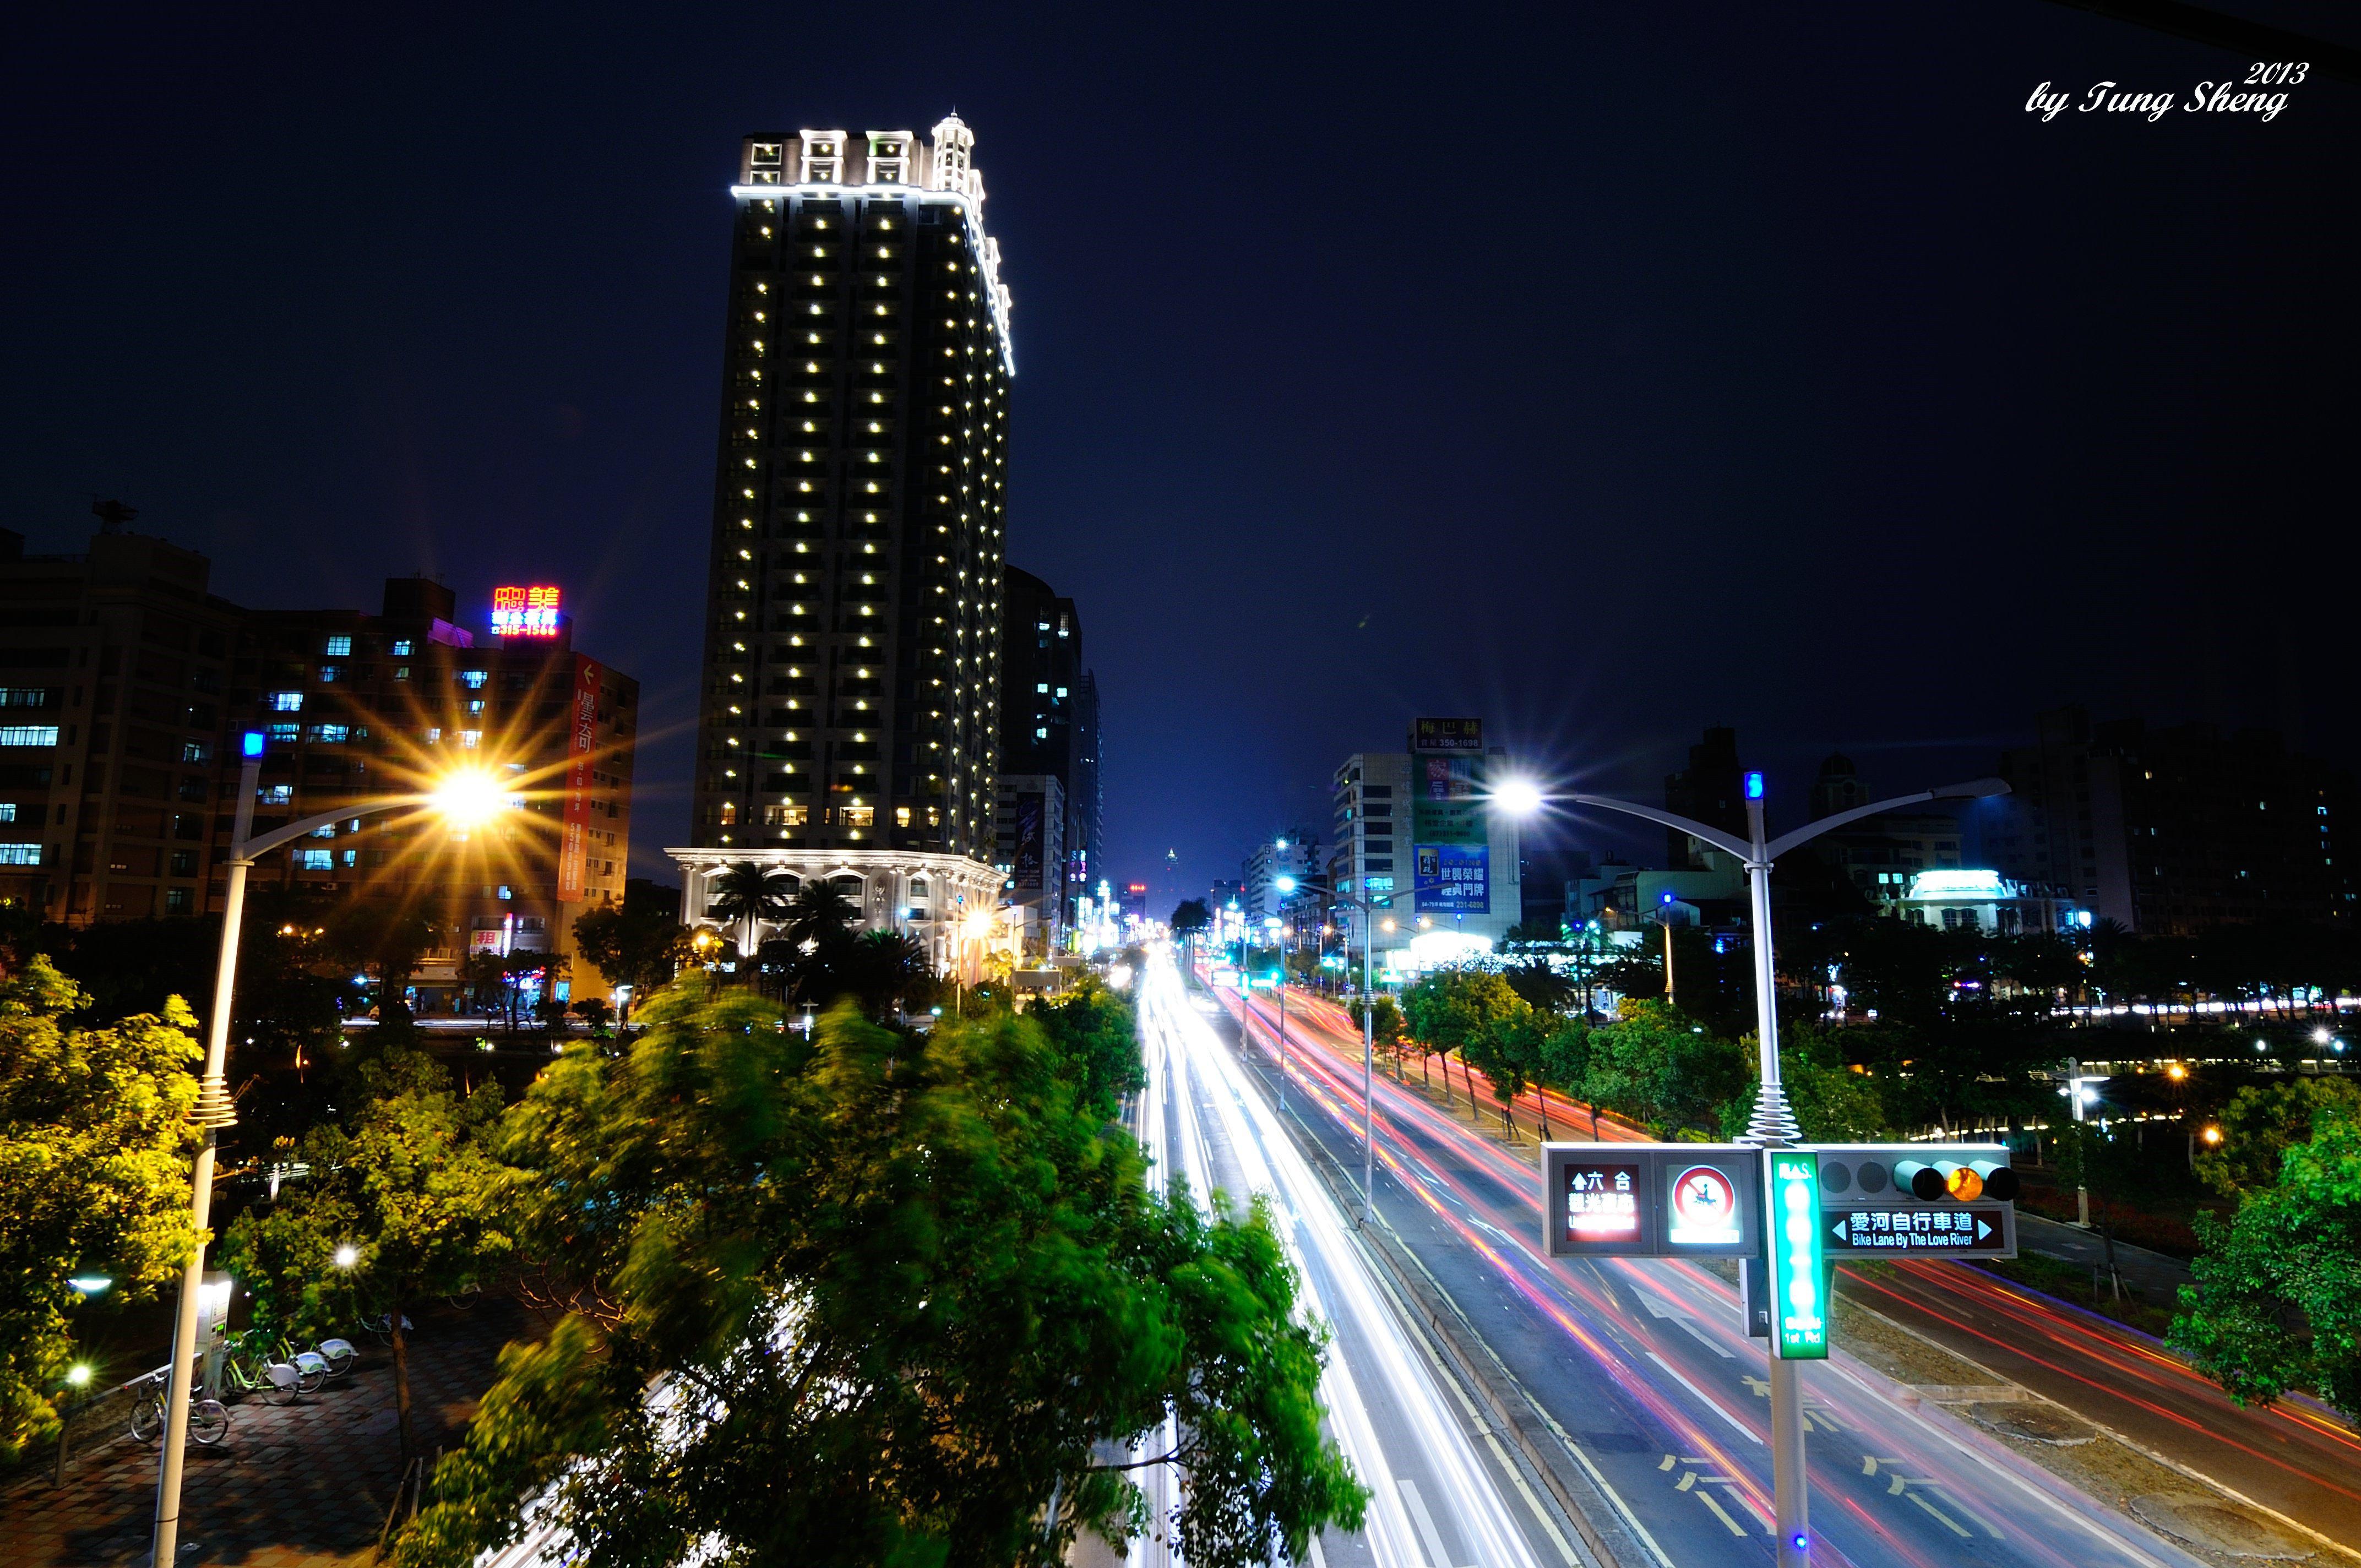 高雄愛河之心 | 夜貓子的攝影展 一定要拍的臺灣夜景 | DIGIPHOTO